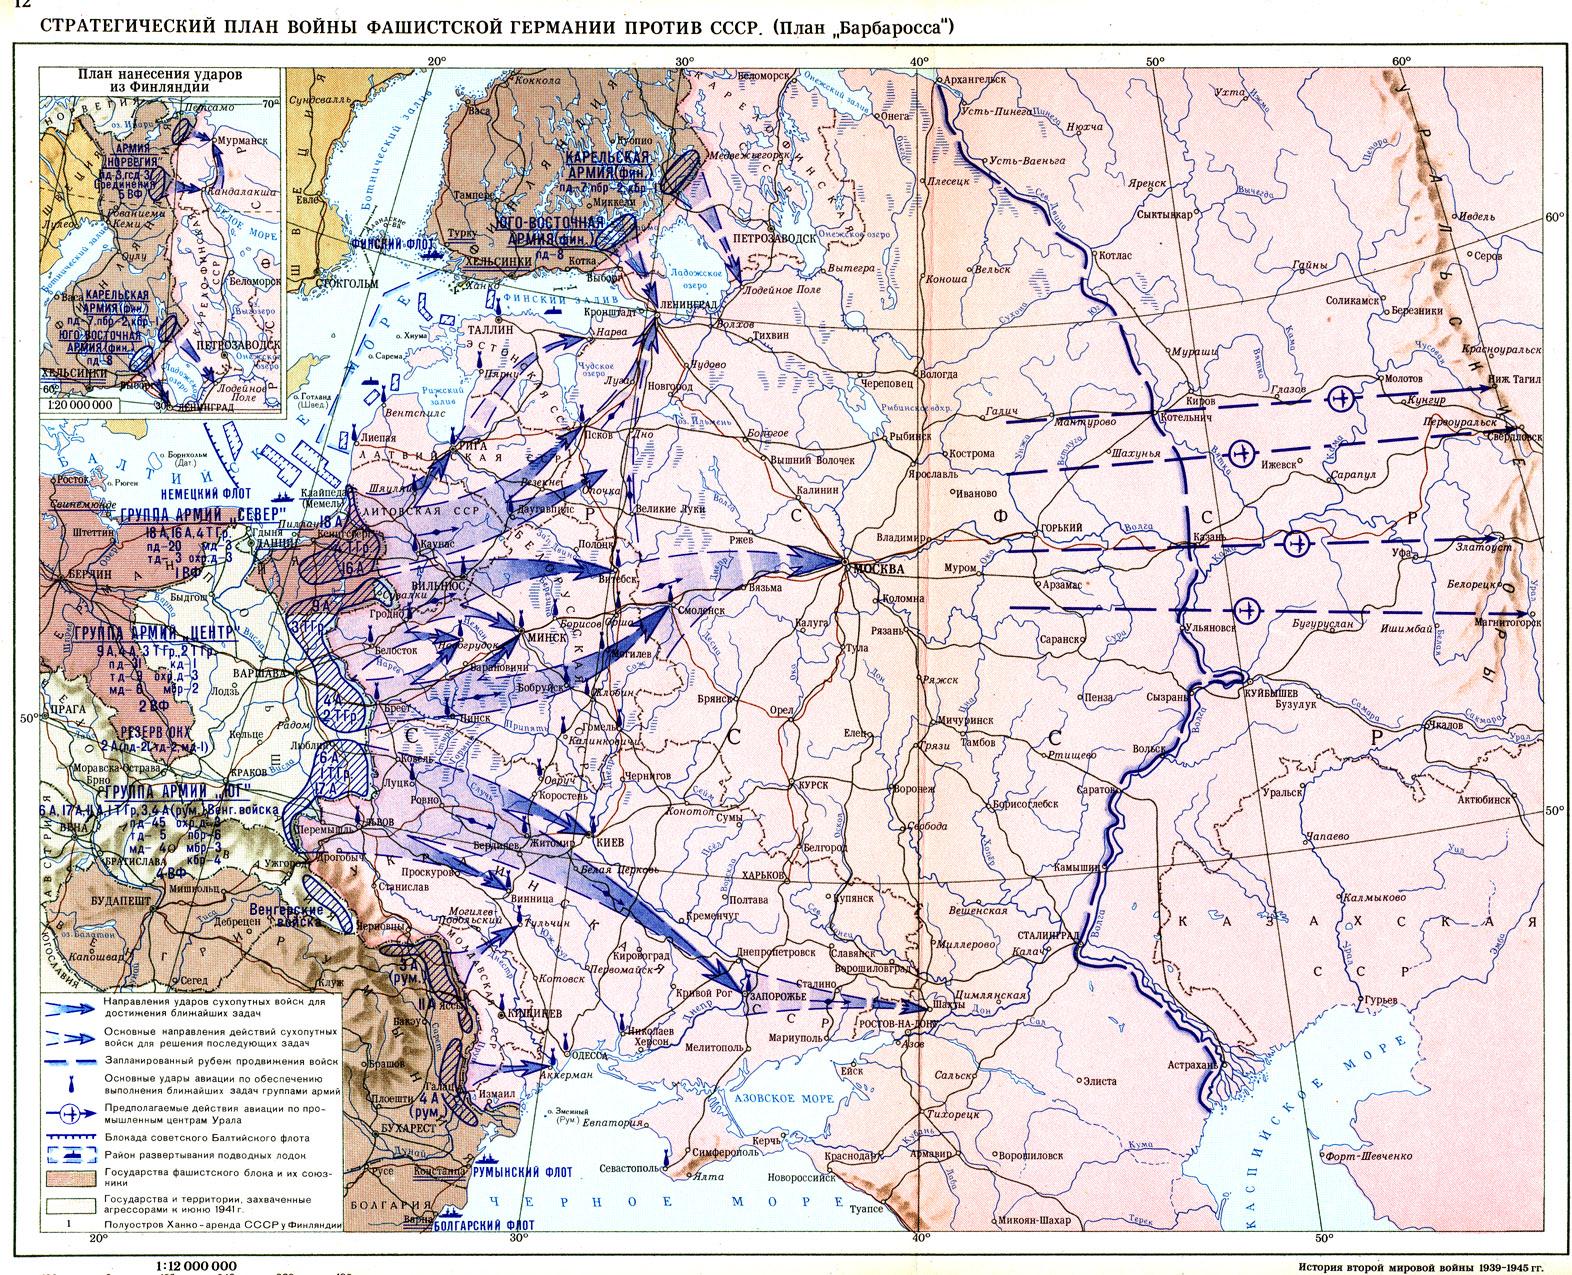 Карты военных действий Второй Мировой войны из русскоязычных   jpg1 Стратегический